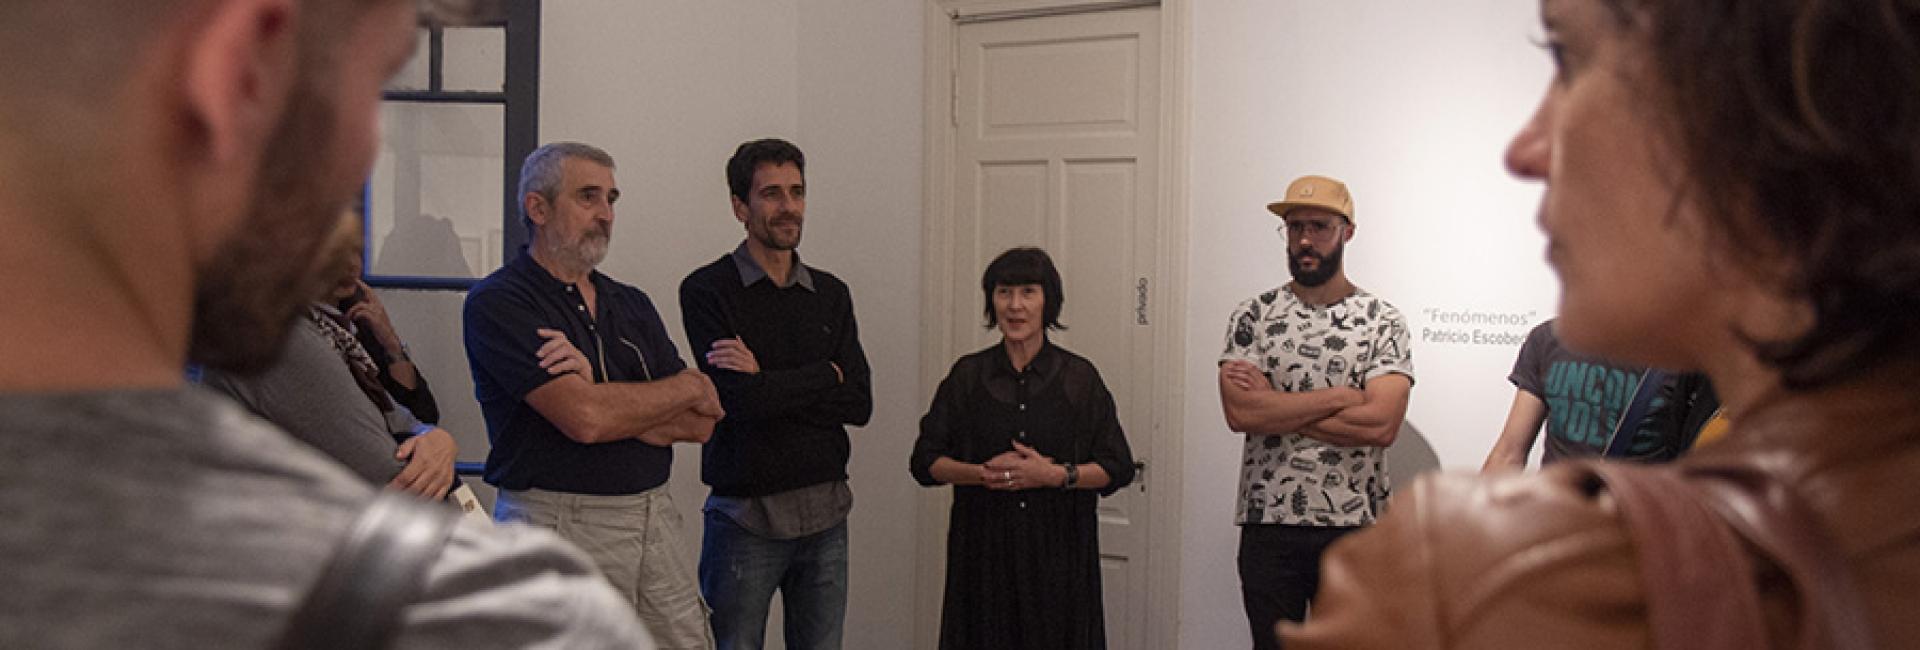 GIRO Circuito de Galerías de Arte |  3º edición  - Galeria Gabelich